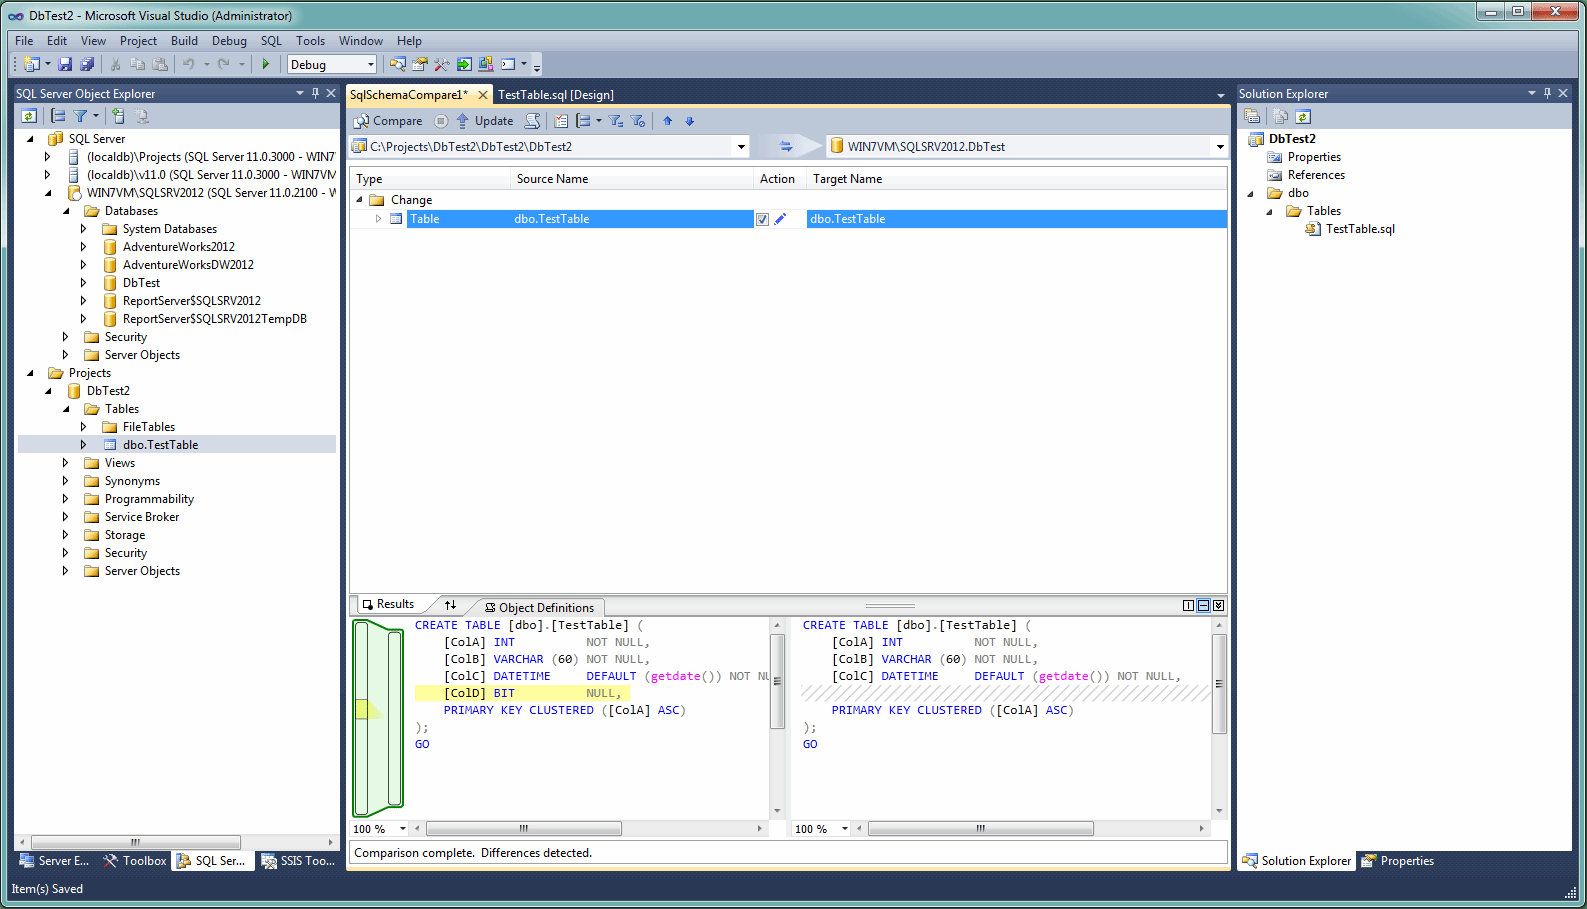 SSDT 2012 schema comparison view